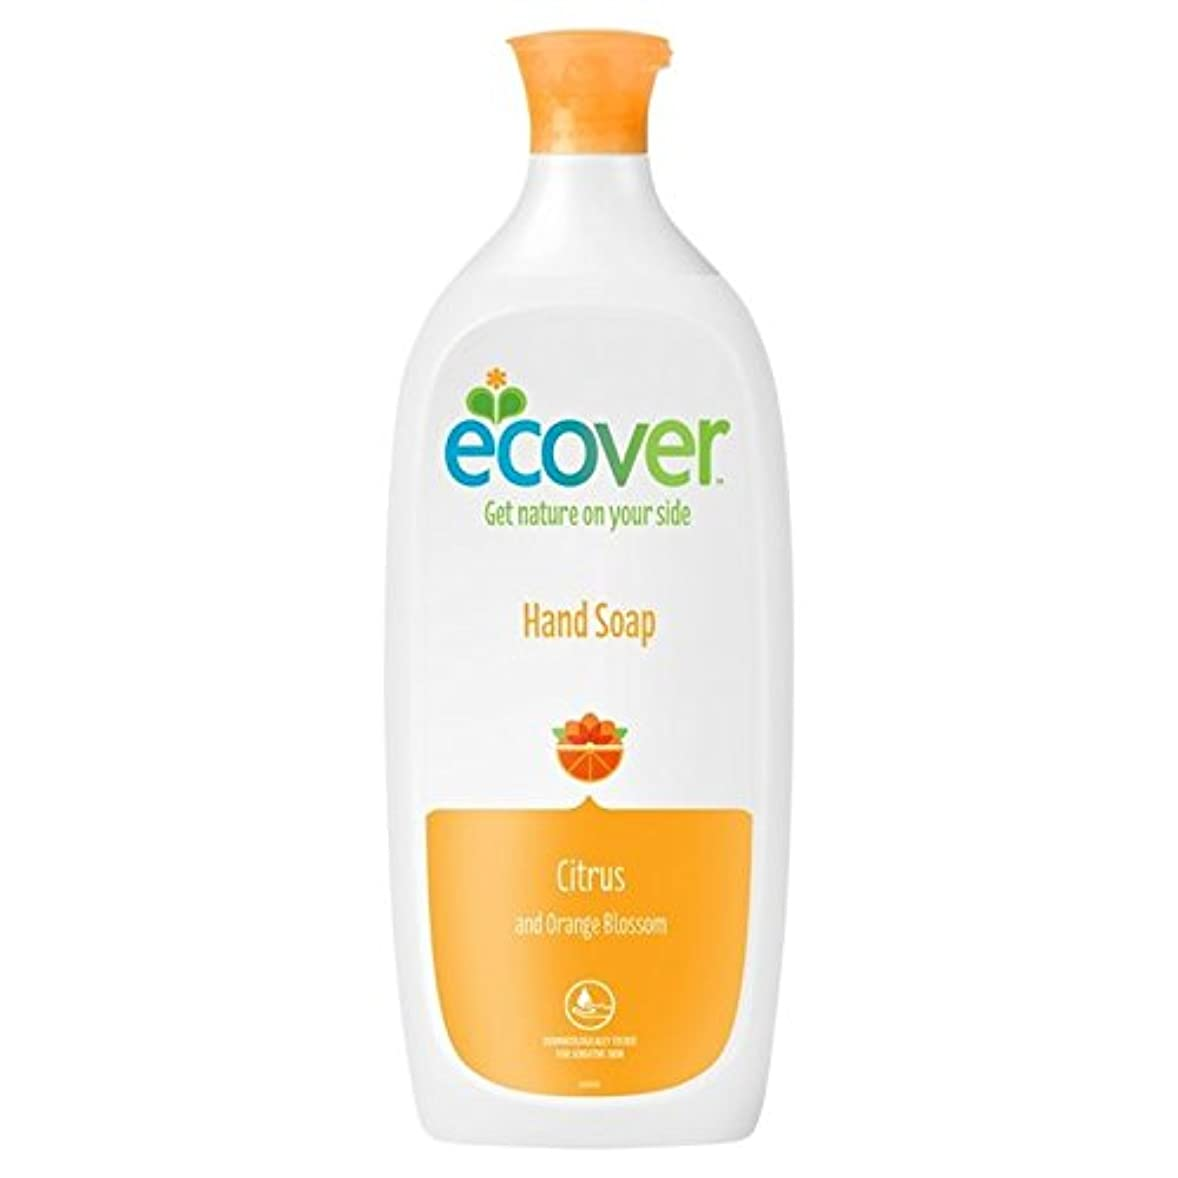 いわゆる再生的感嘆Ecover Liquid Soap Citrus & Orange Blossom Refill 1L (Pack of 6) - エコベール液体石鹸シトラス&オレンジの花のリフィル1リットル x6 [並行輸入品]